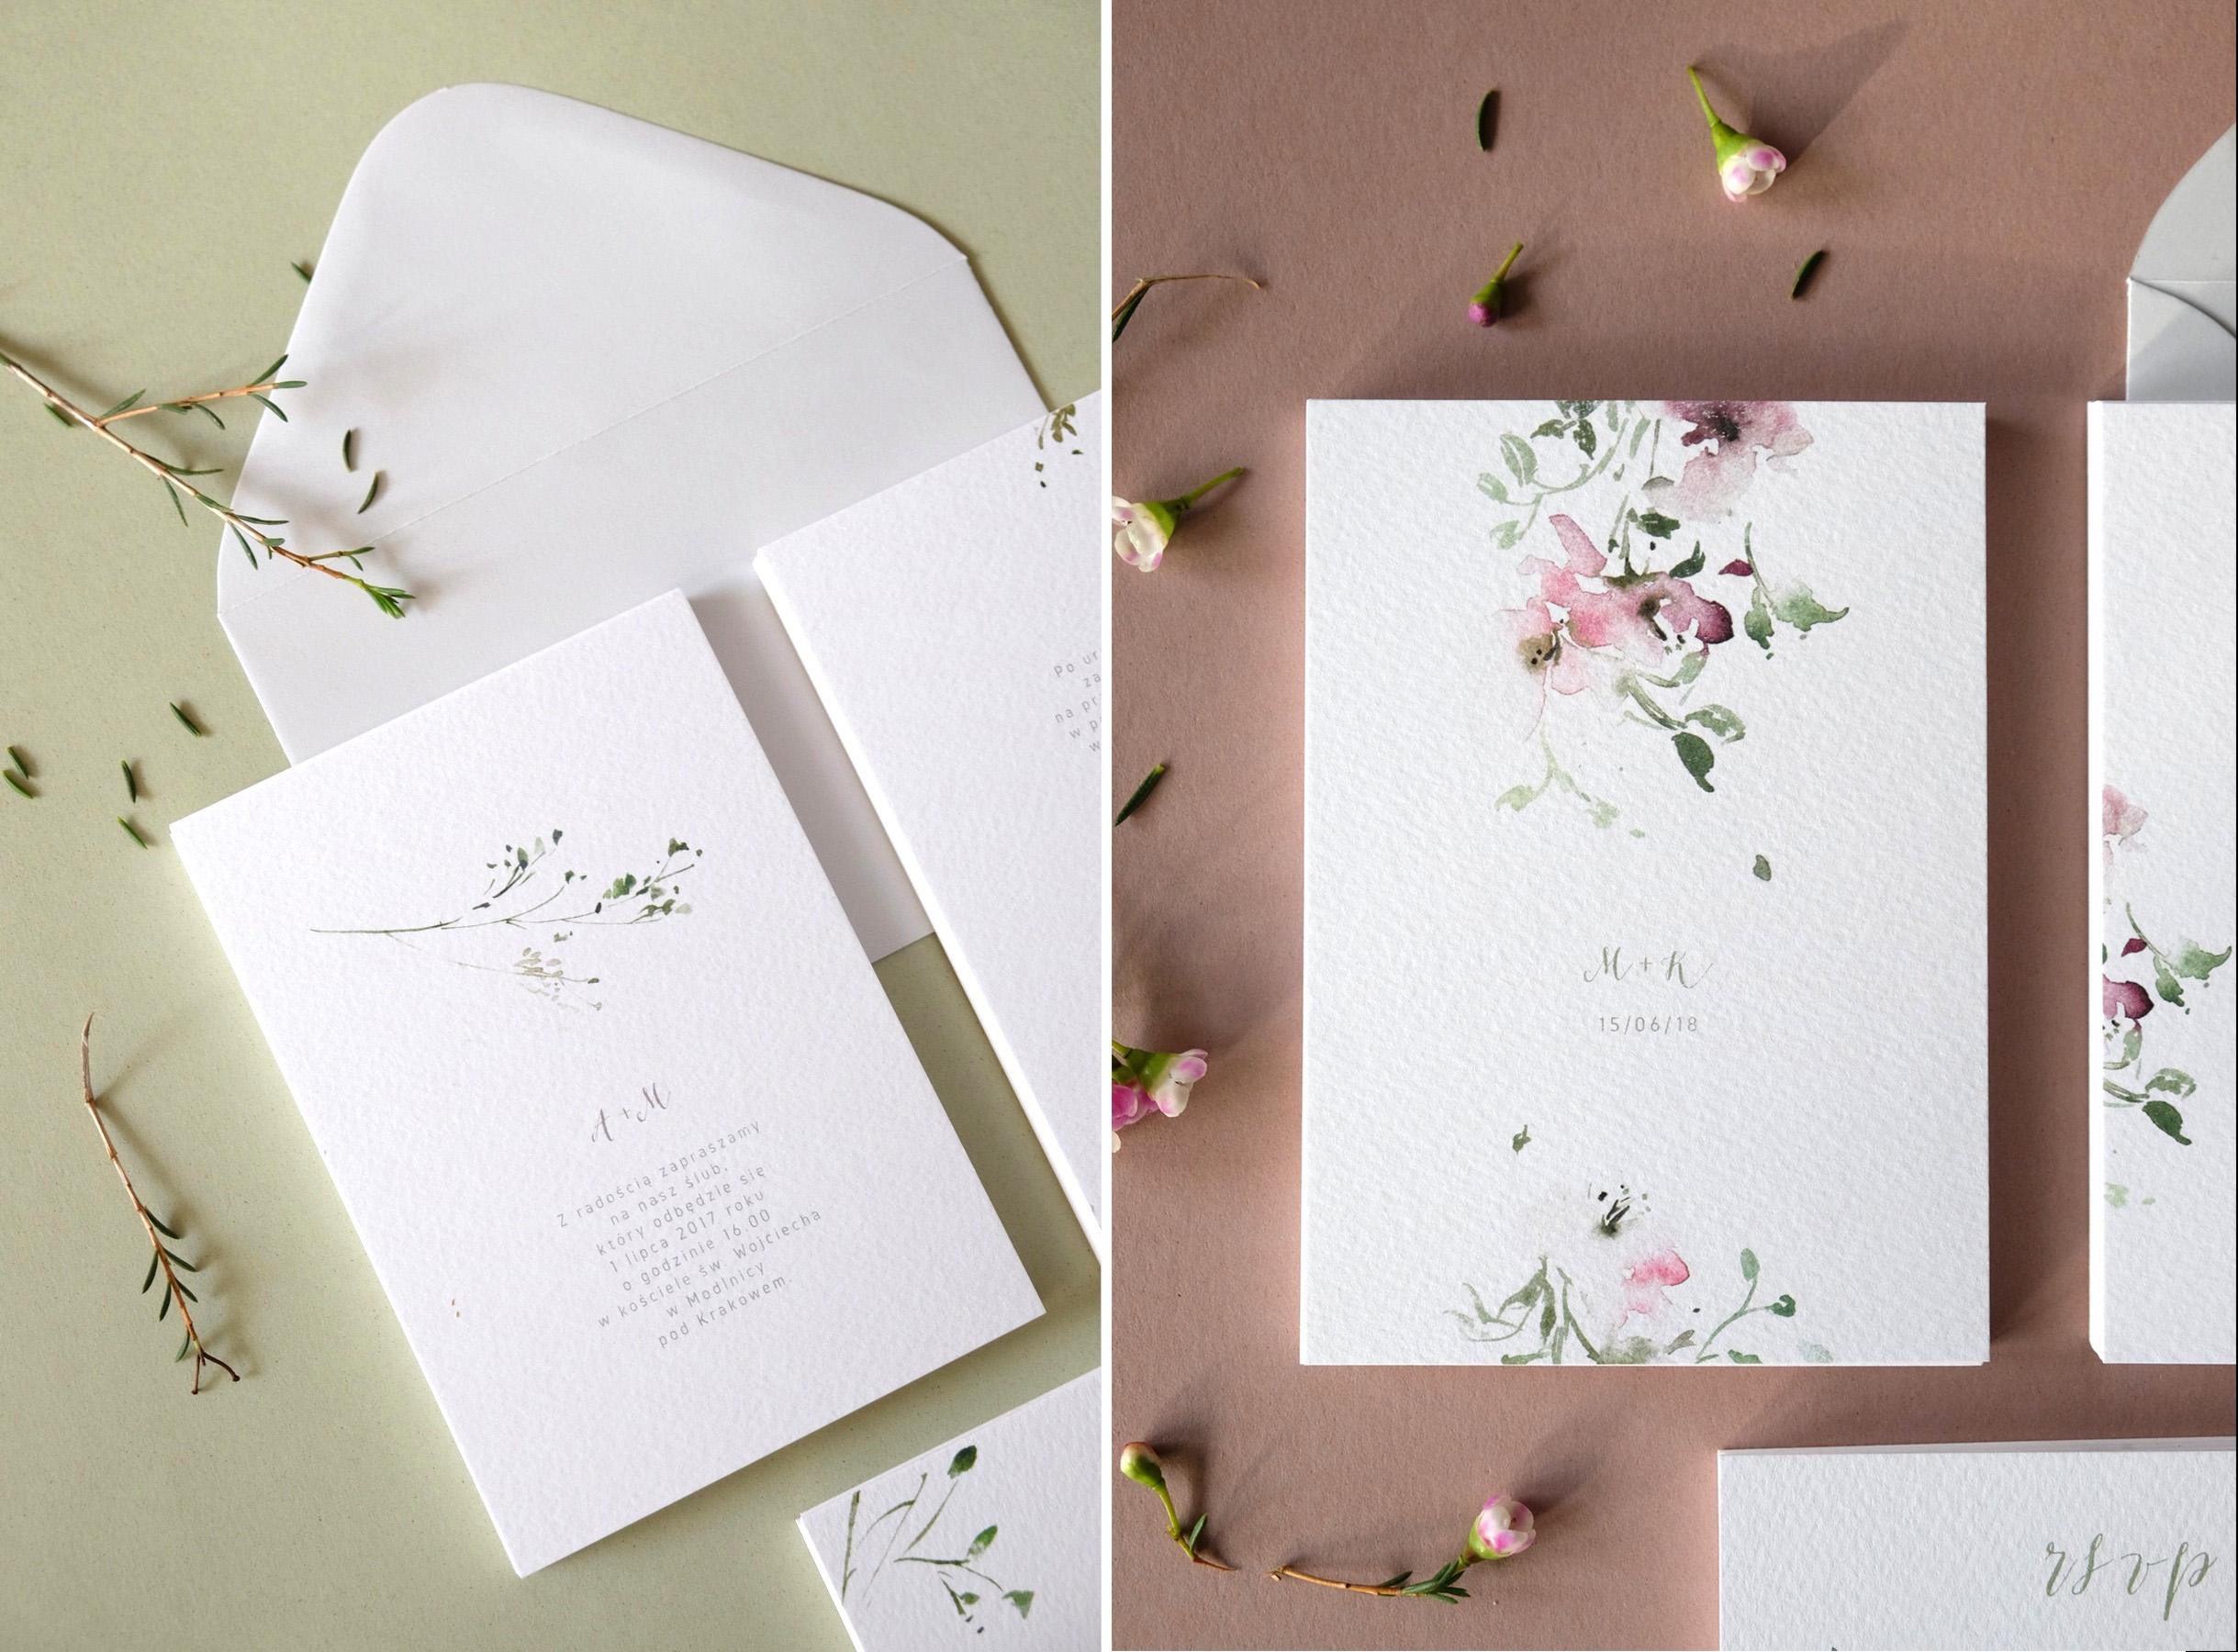 okladka Oryginalne-Botanicne-Zaproszenia-2020-Love-Prints